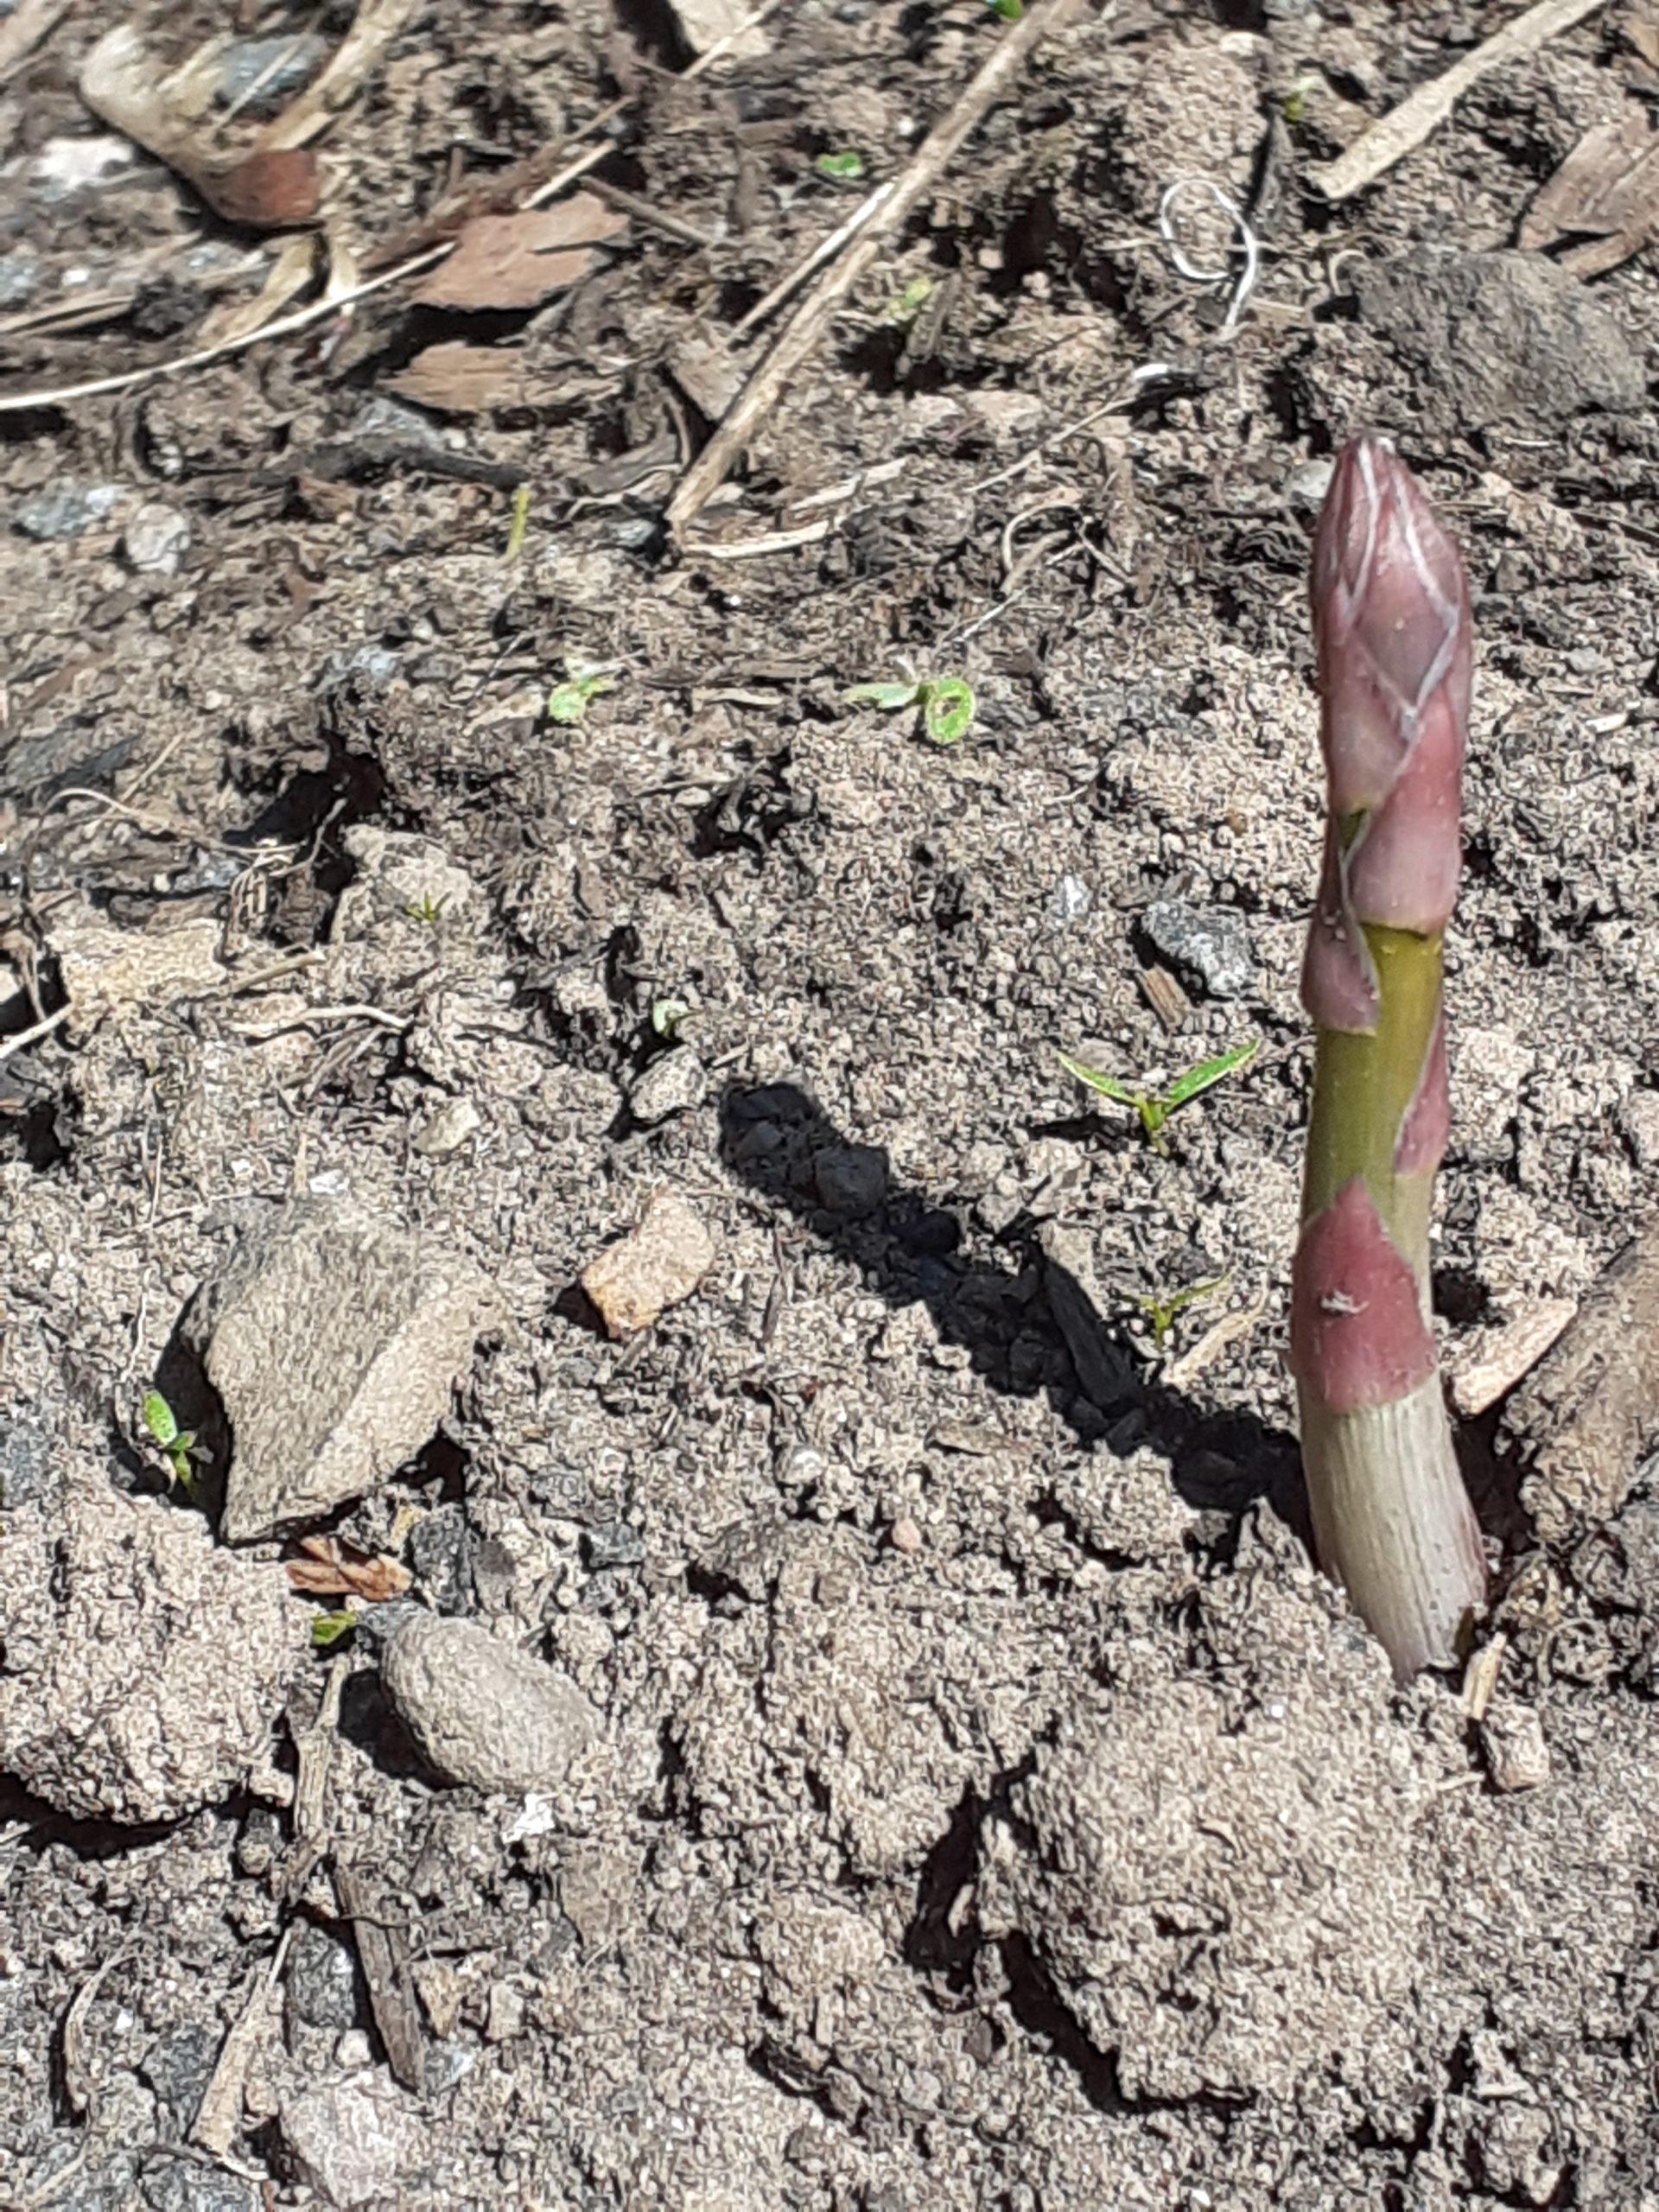 asparagus spear casting shadow